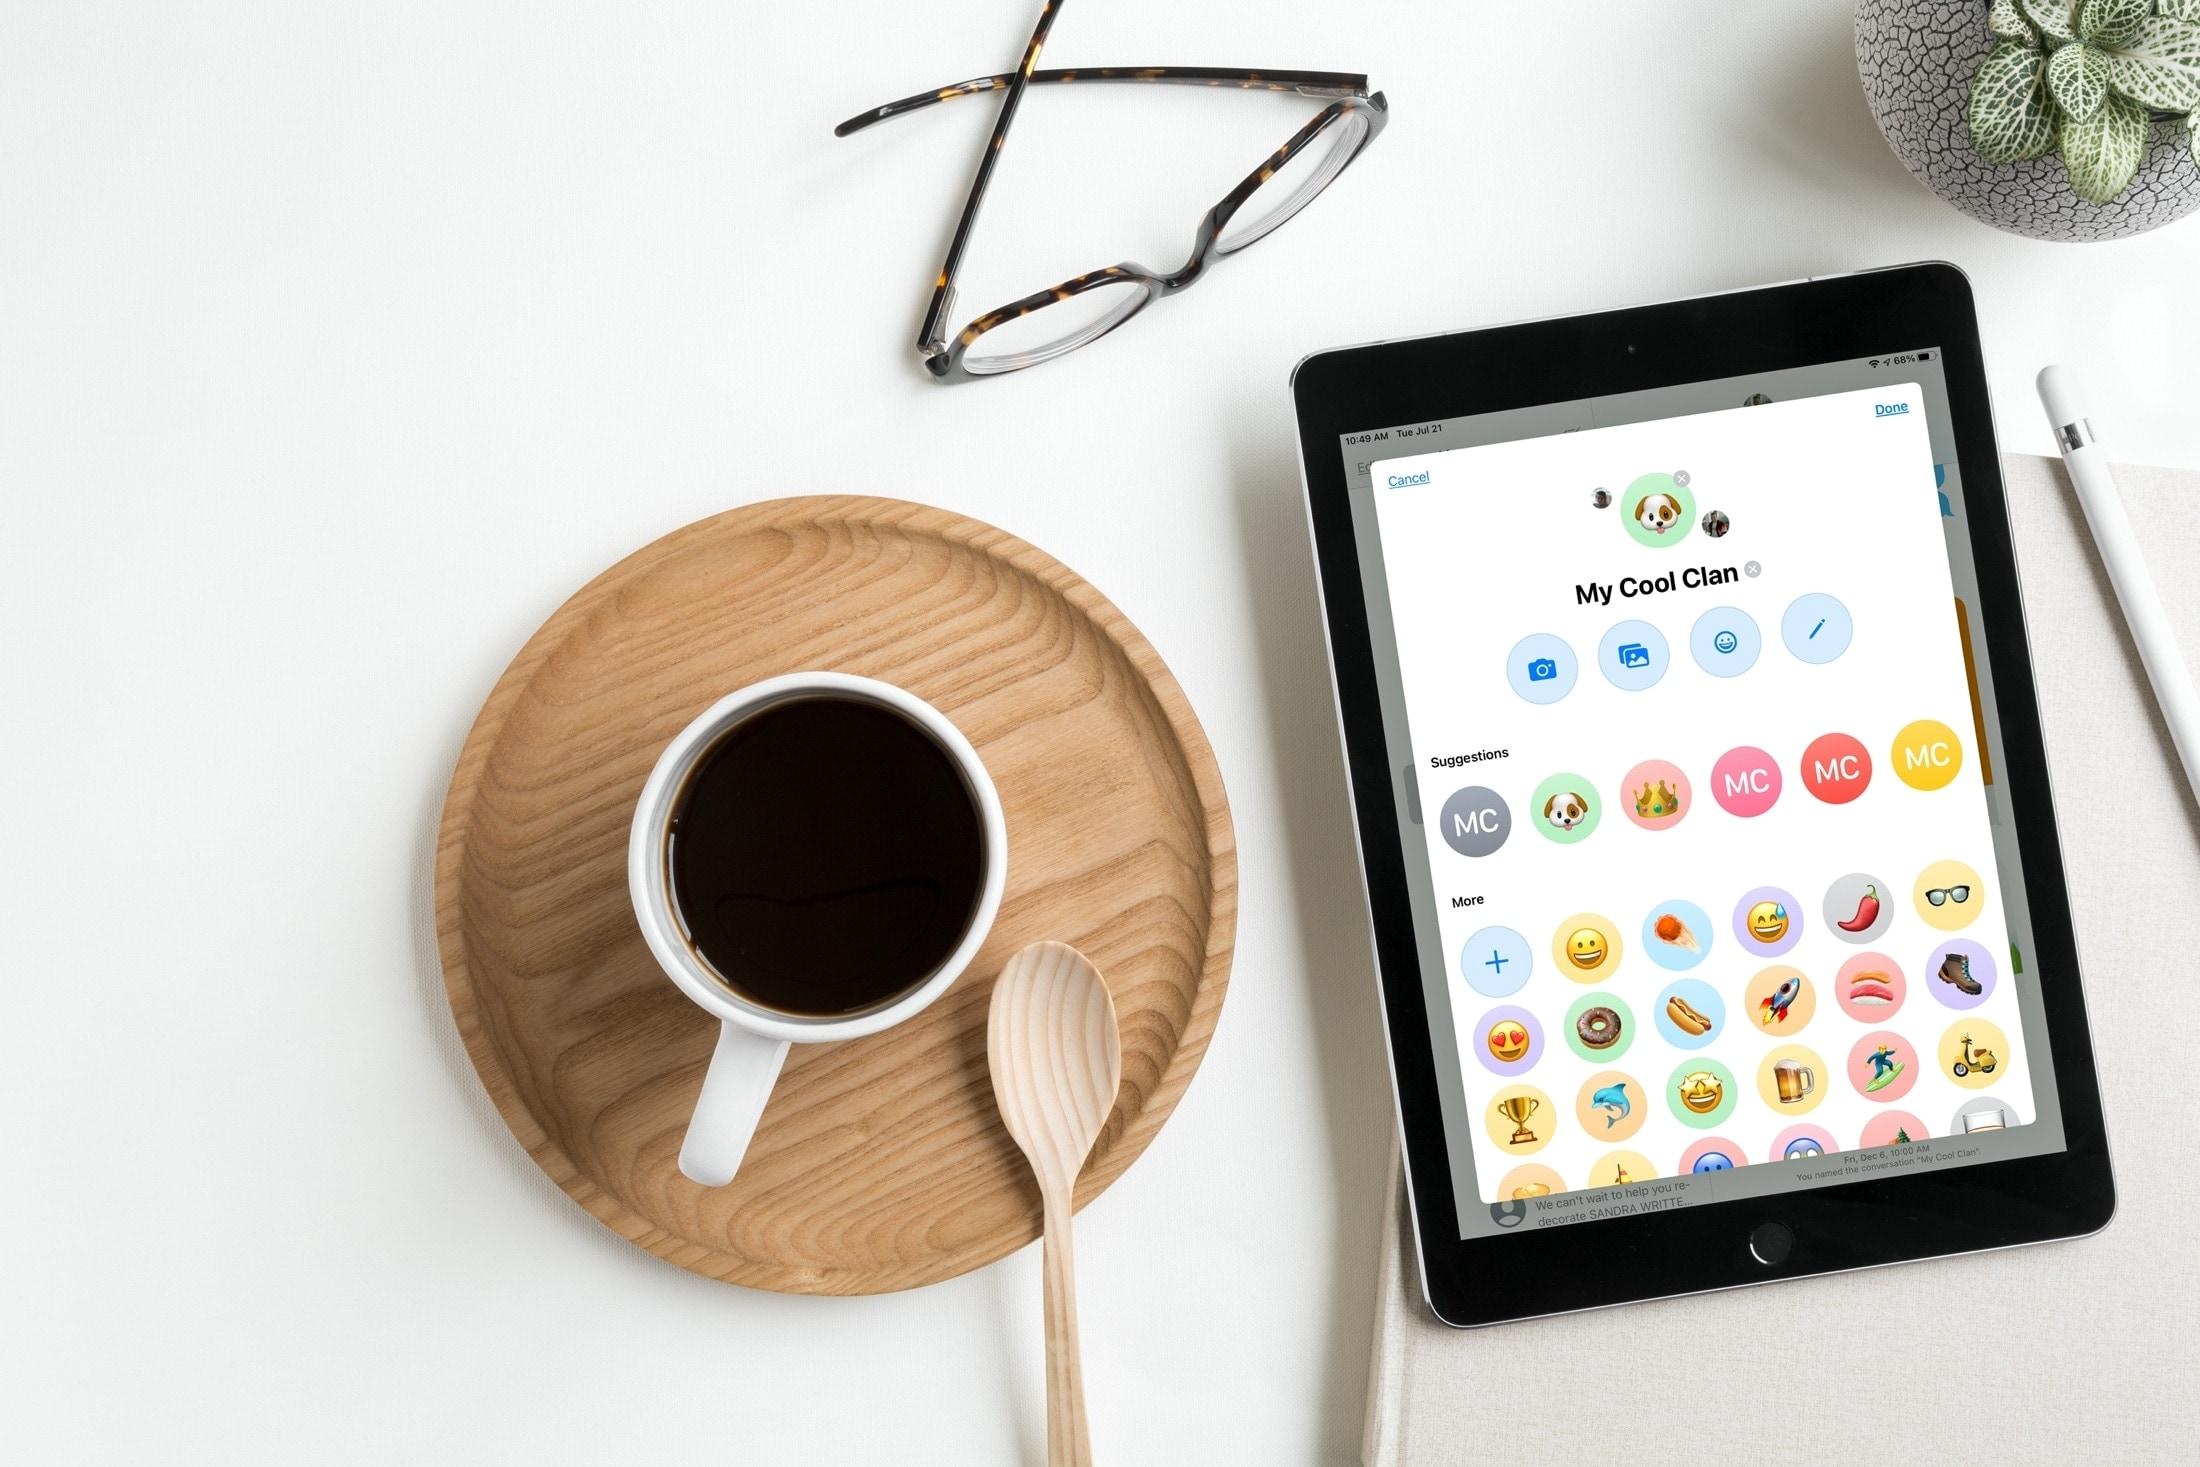 Adicionar mensagens fotográficas aos bate-papos em grupo do iPad